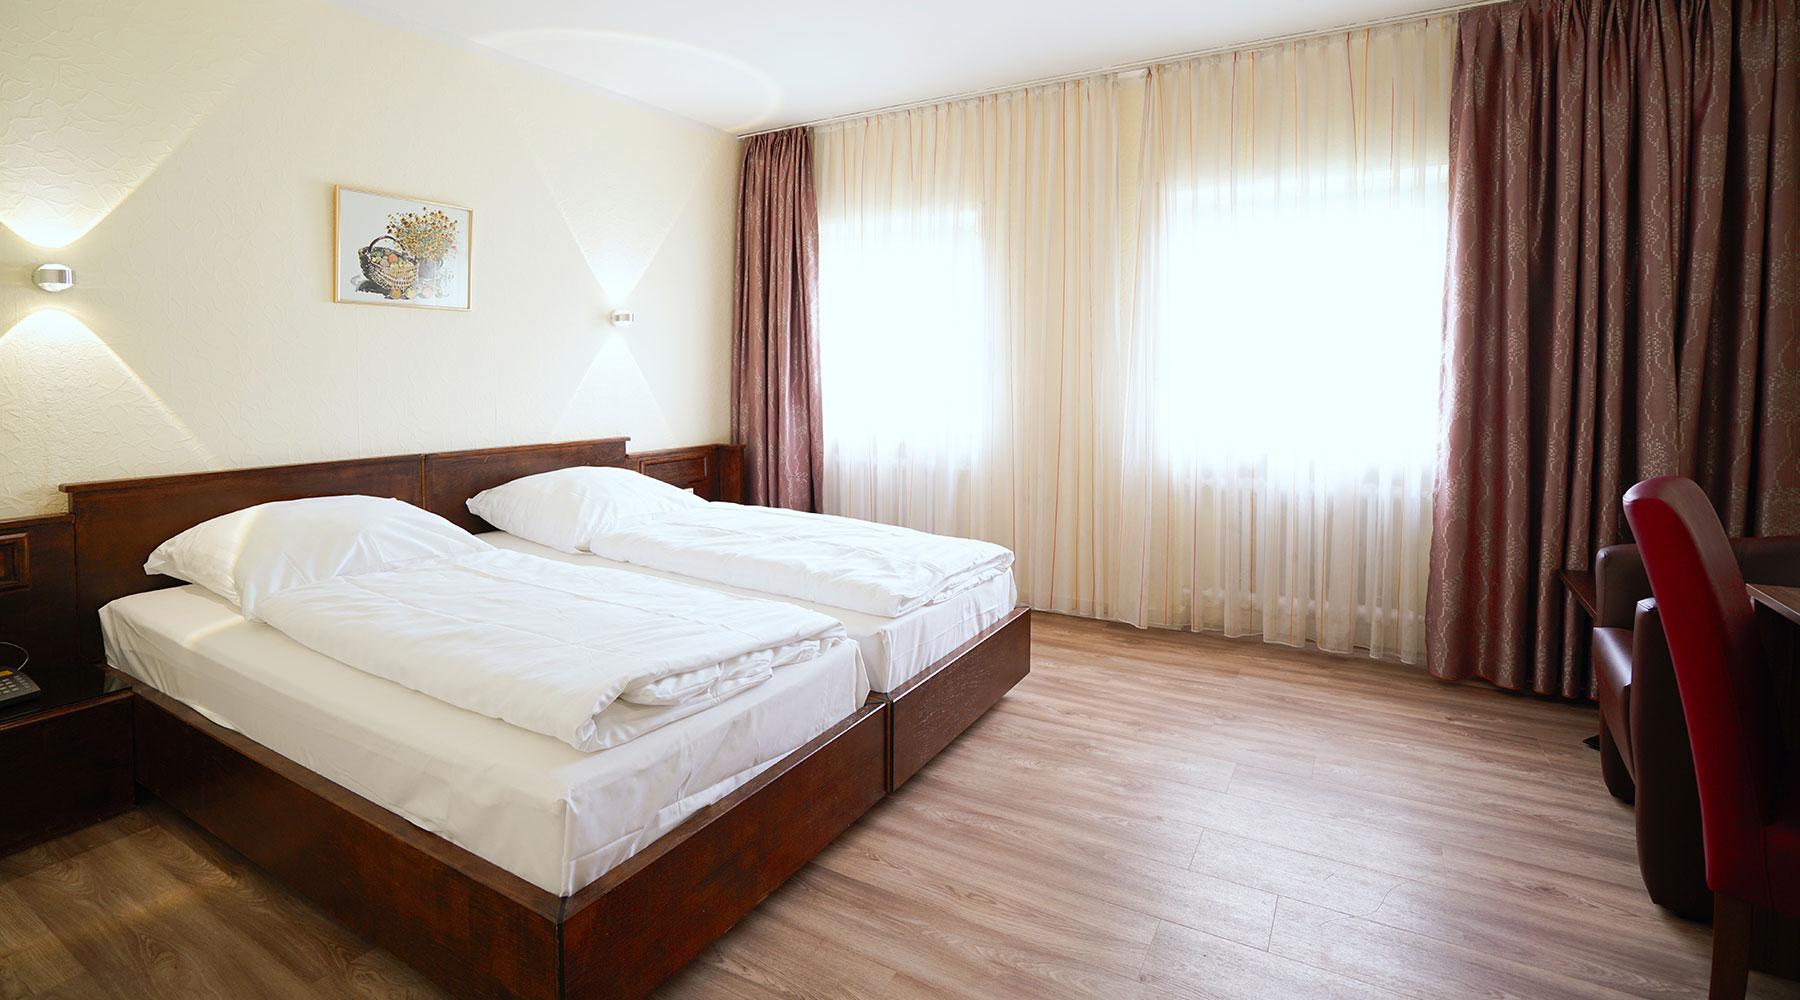 Doppel-/ Zweibettzimmer